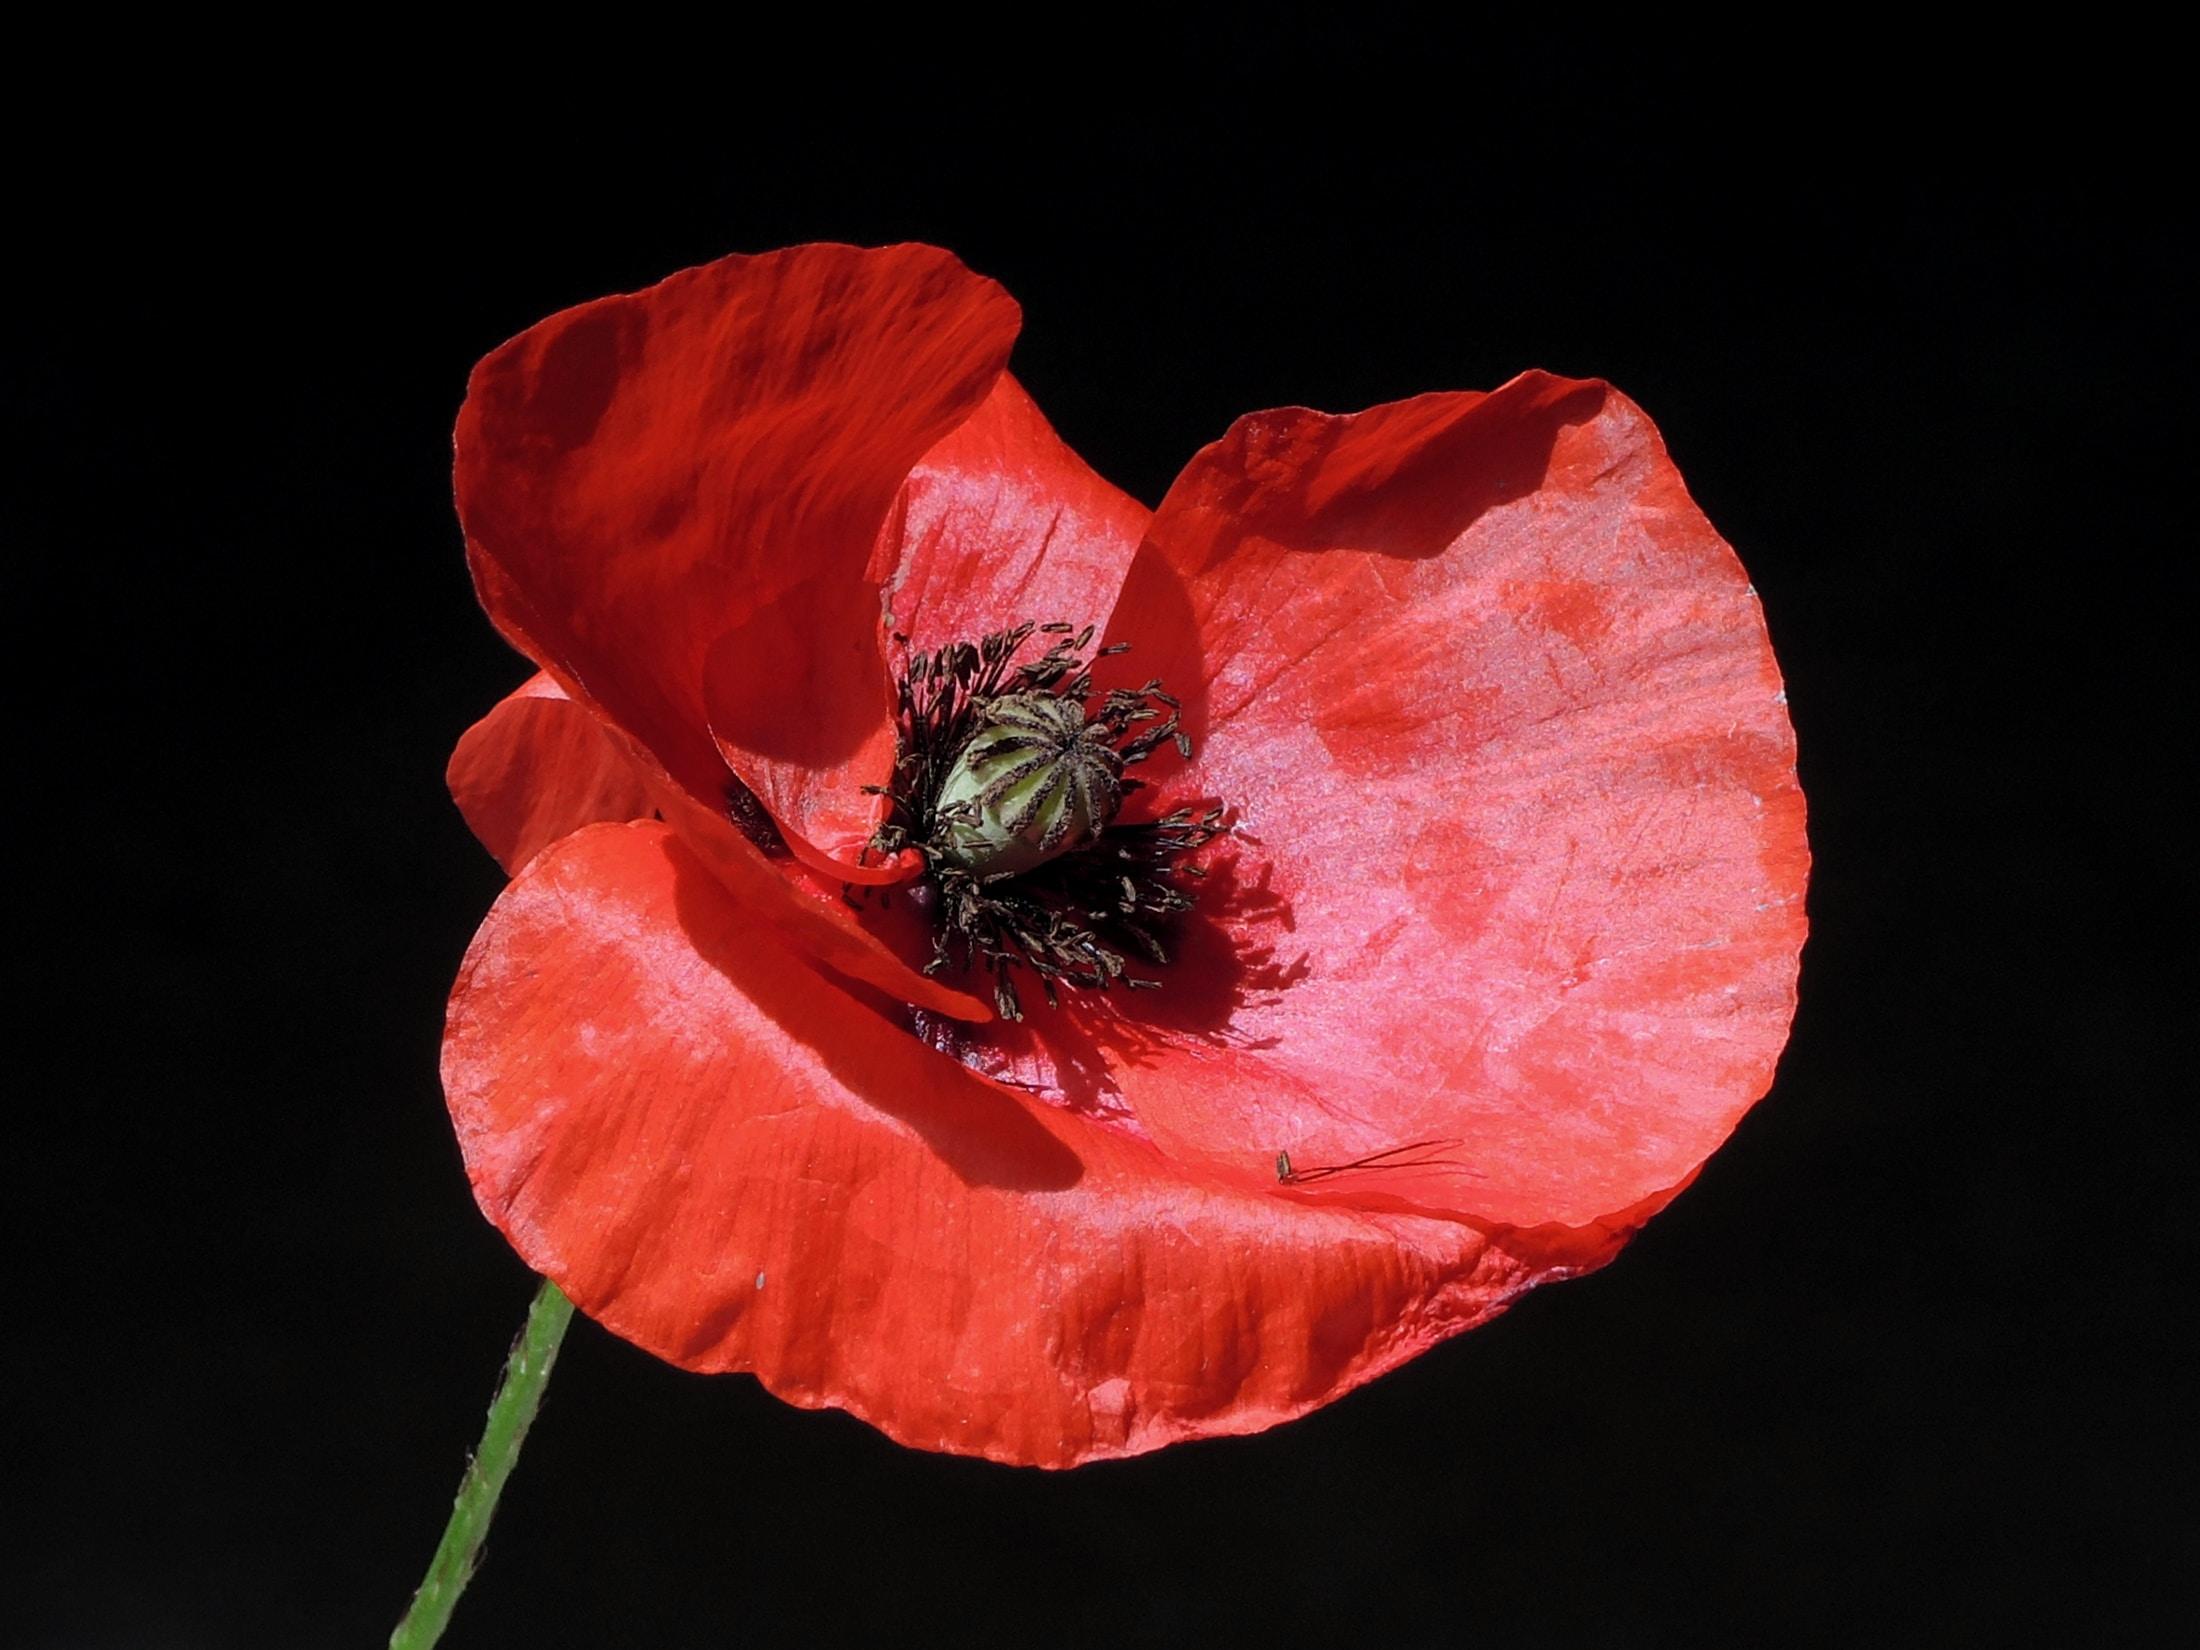 photo of poppy flower